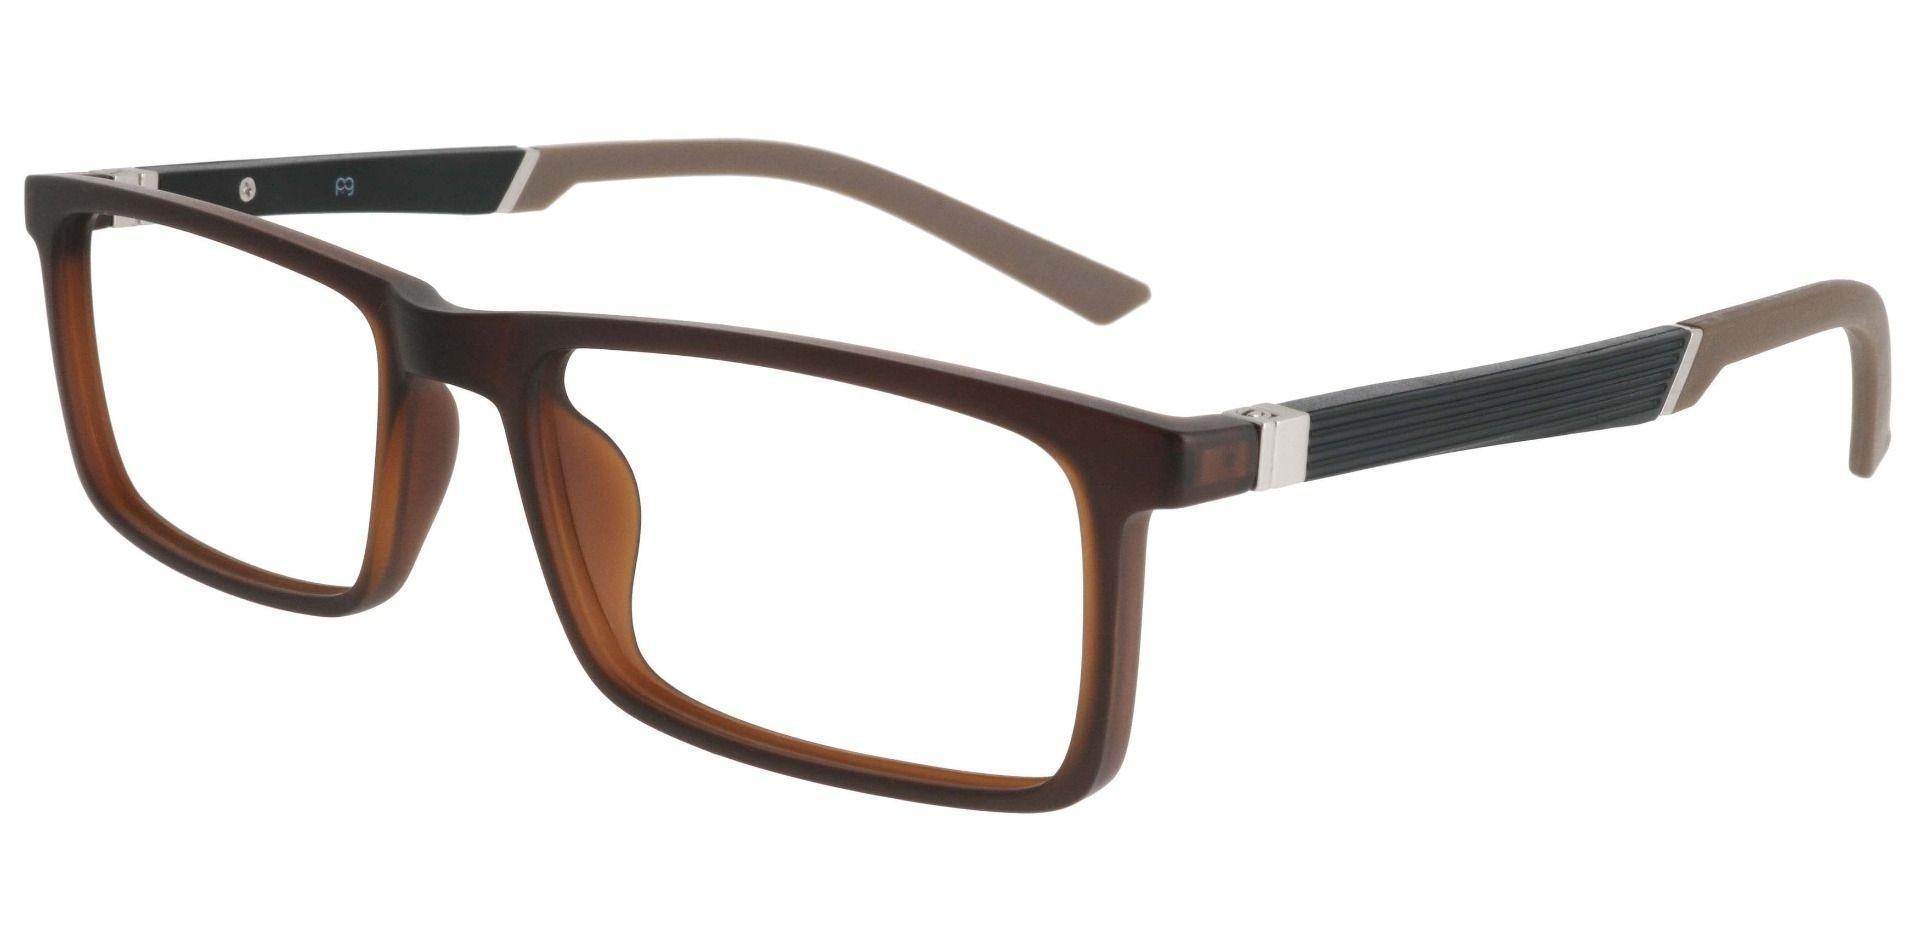 Ronan Rectangle Prescription Glasses - Matte Brown